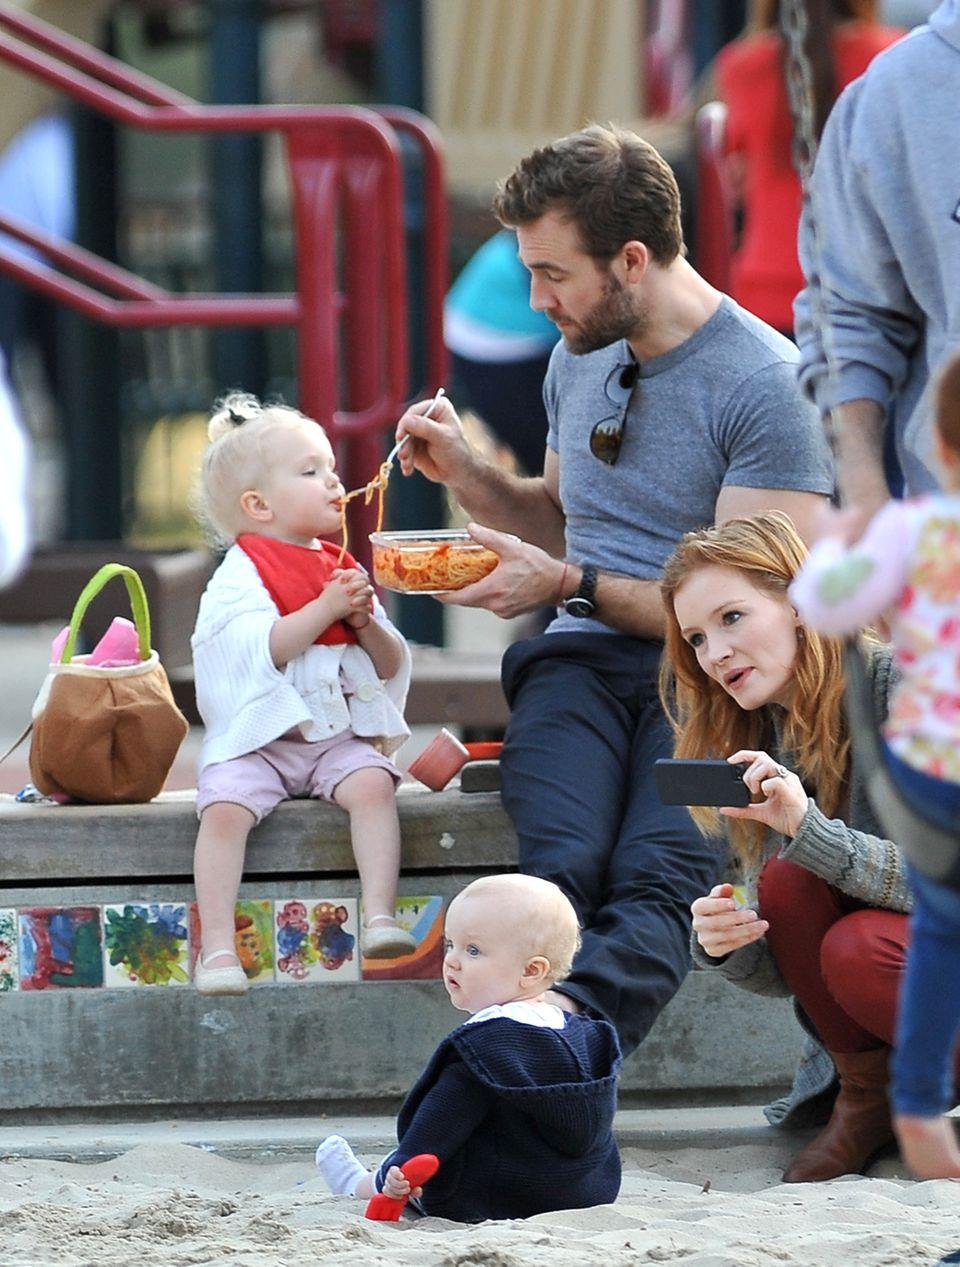 18. Februar 2013: James van der Beek und seine Frau Kimberly Brook verbringen den Nachmittag mit ihren Kindern Olivia und Joshua auf einem Spielplatz in Beverly Hills.